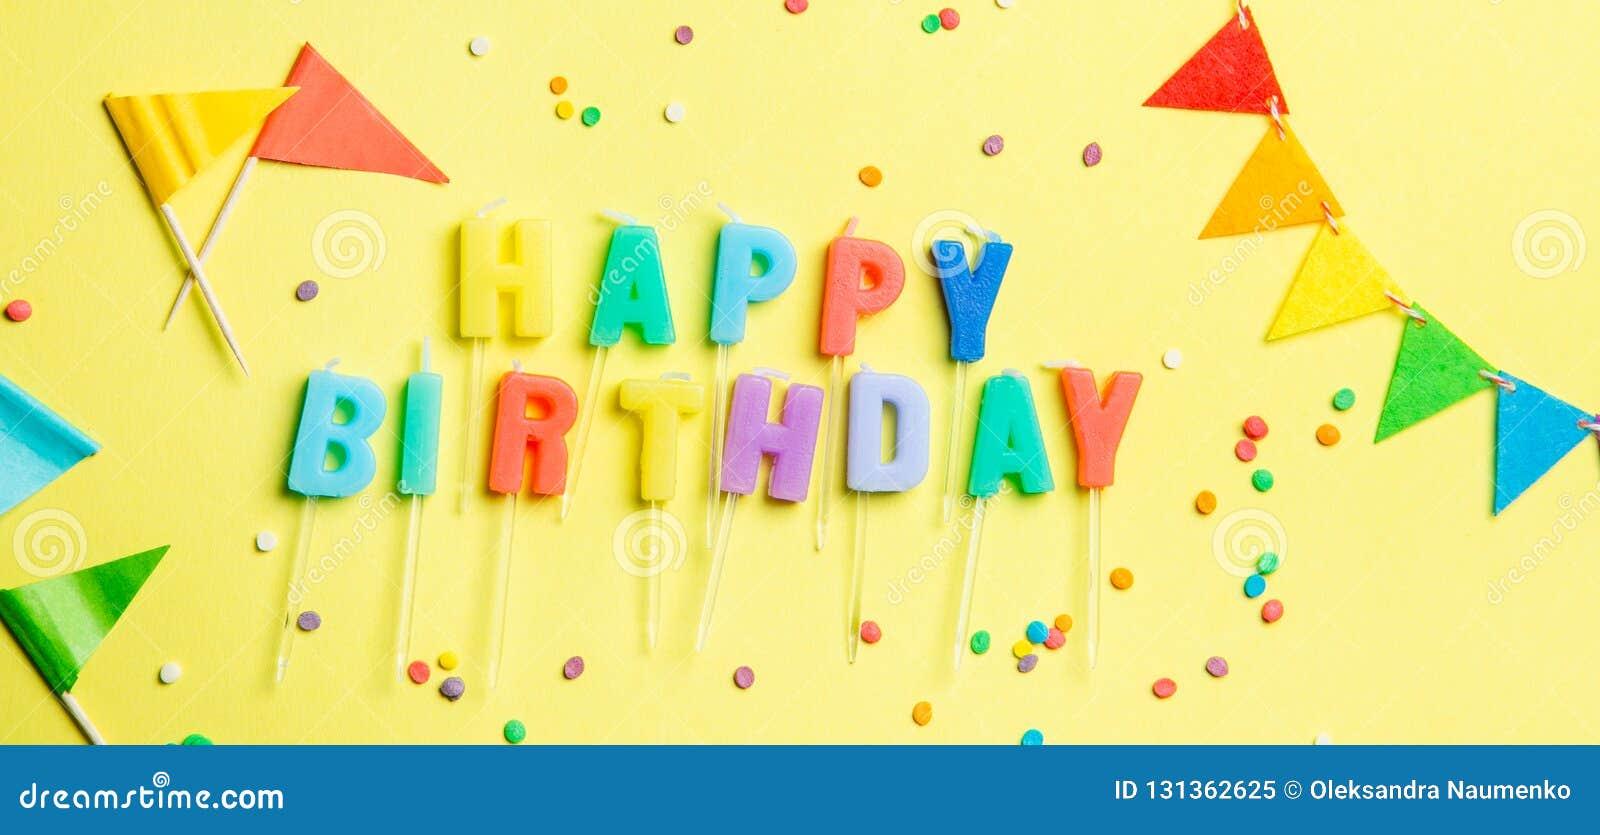 Conceito do aniversário - velas com letras 'feliz aniversario 'e confetes